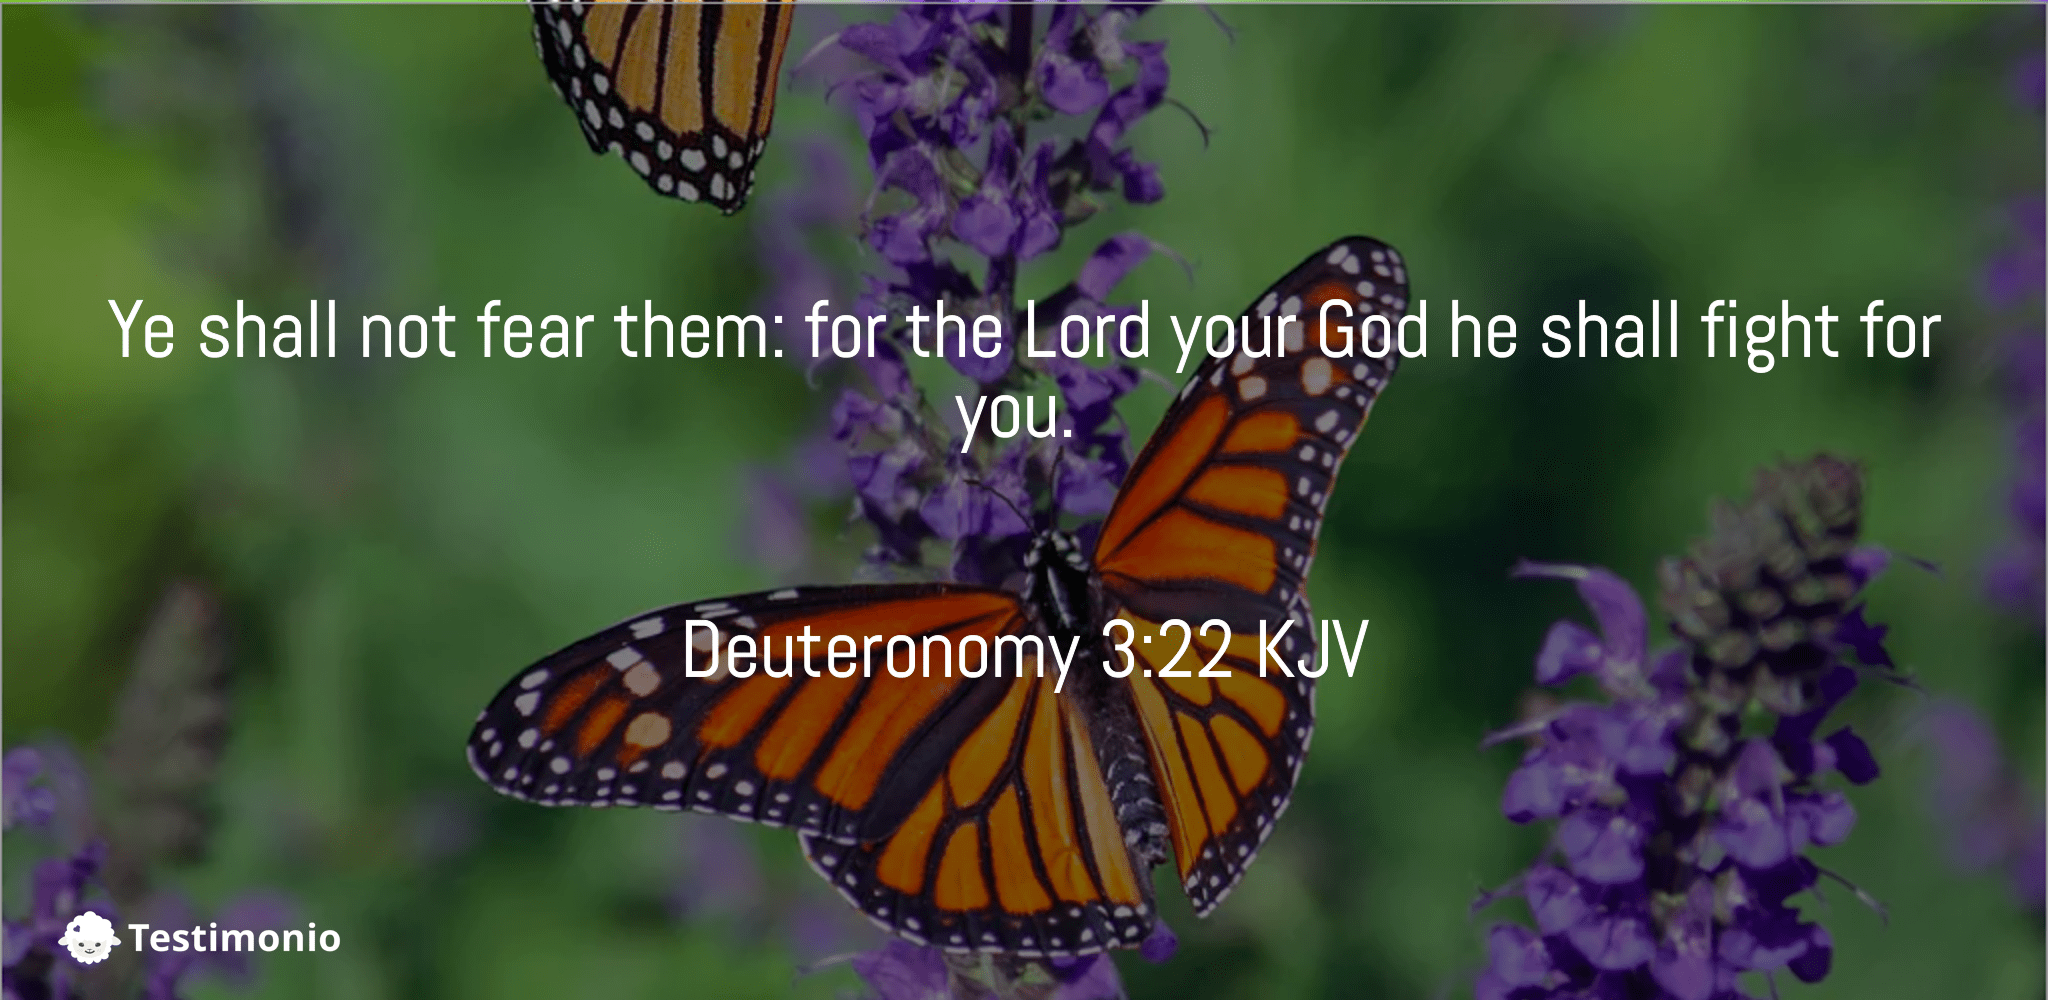 Deuteronomy 3:22